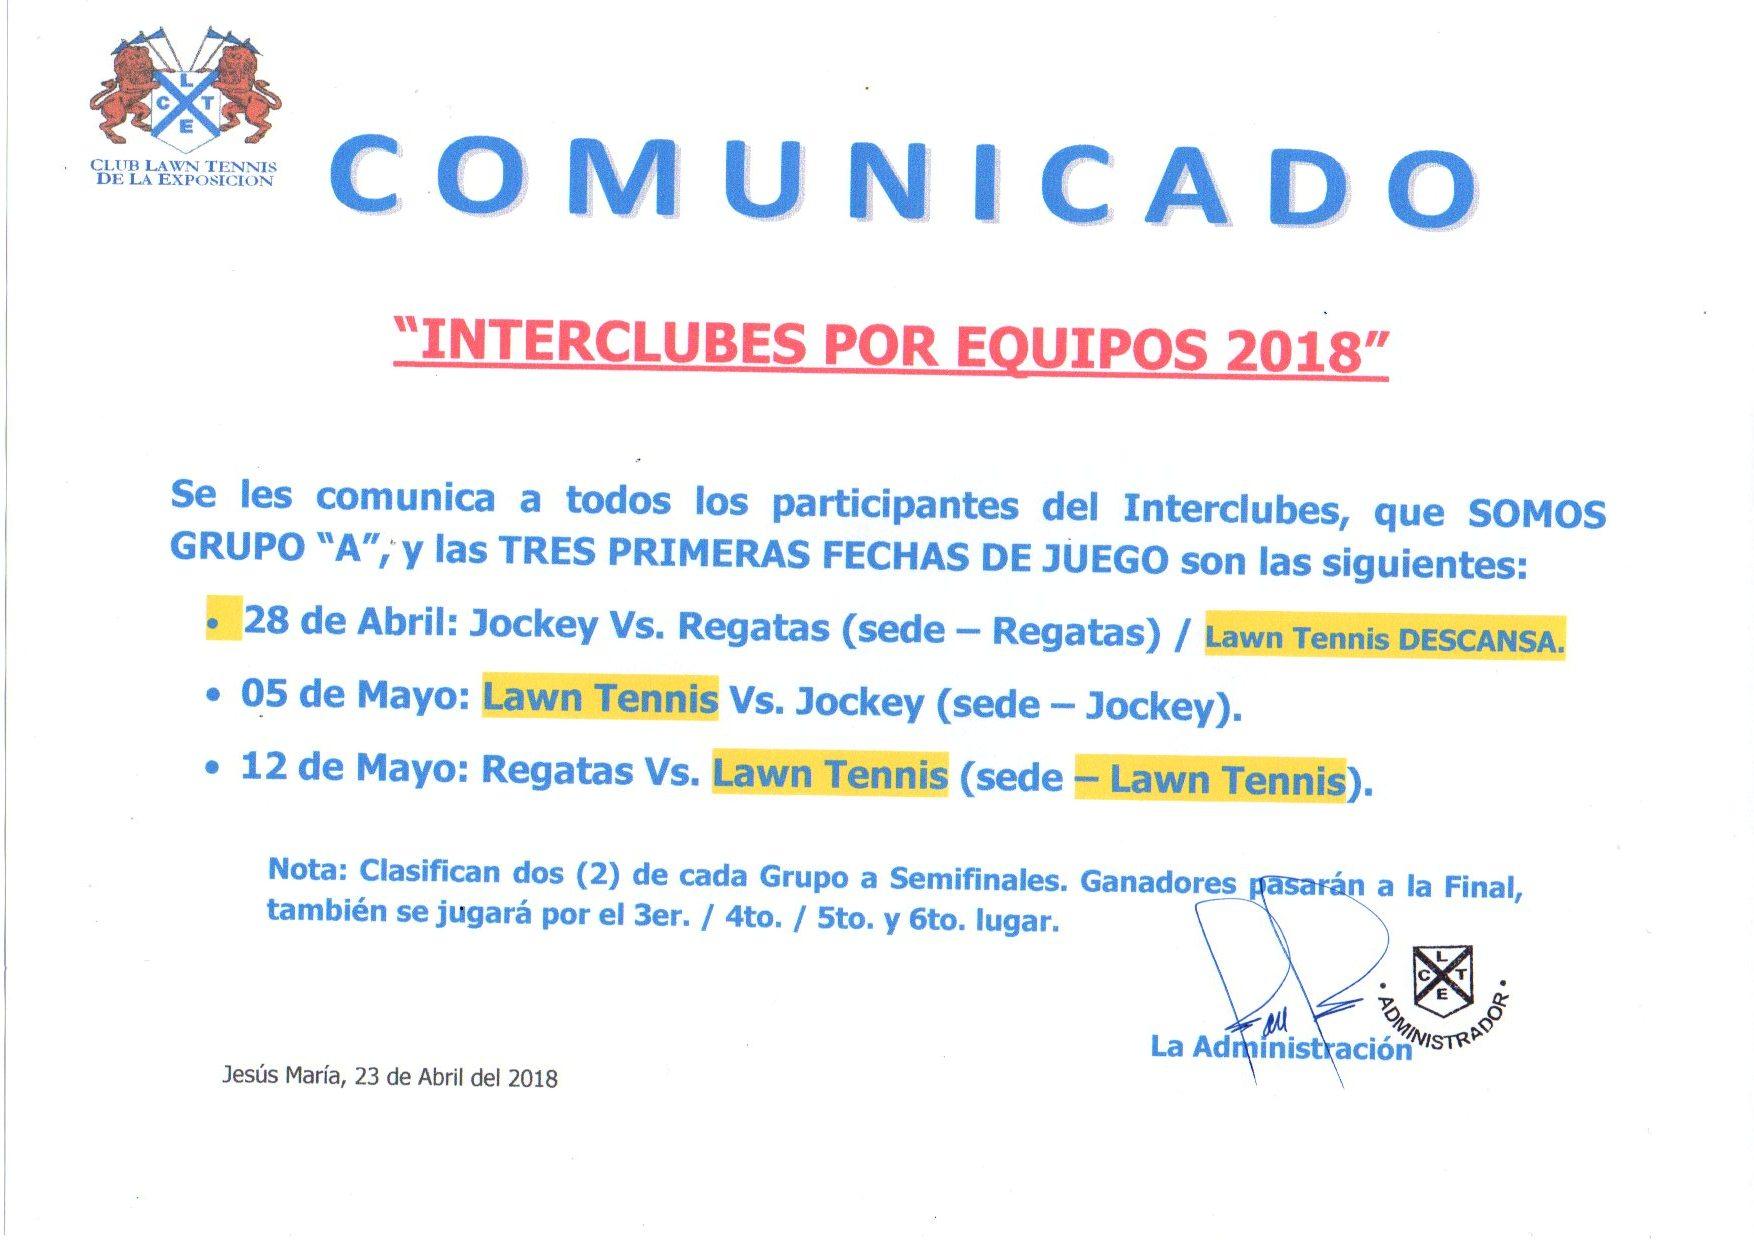 COMUNICADO INTERCLUBES FECHAS022